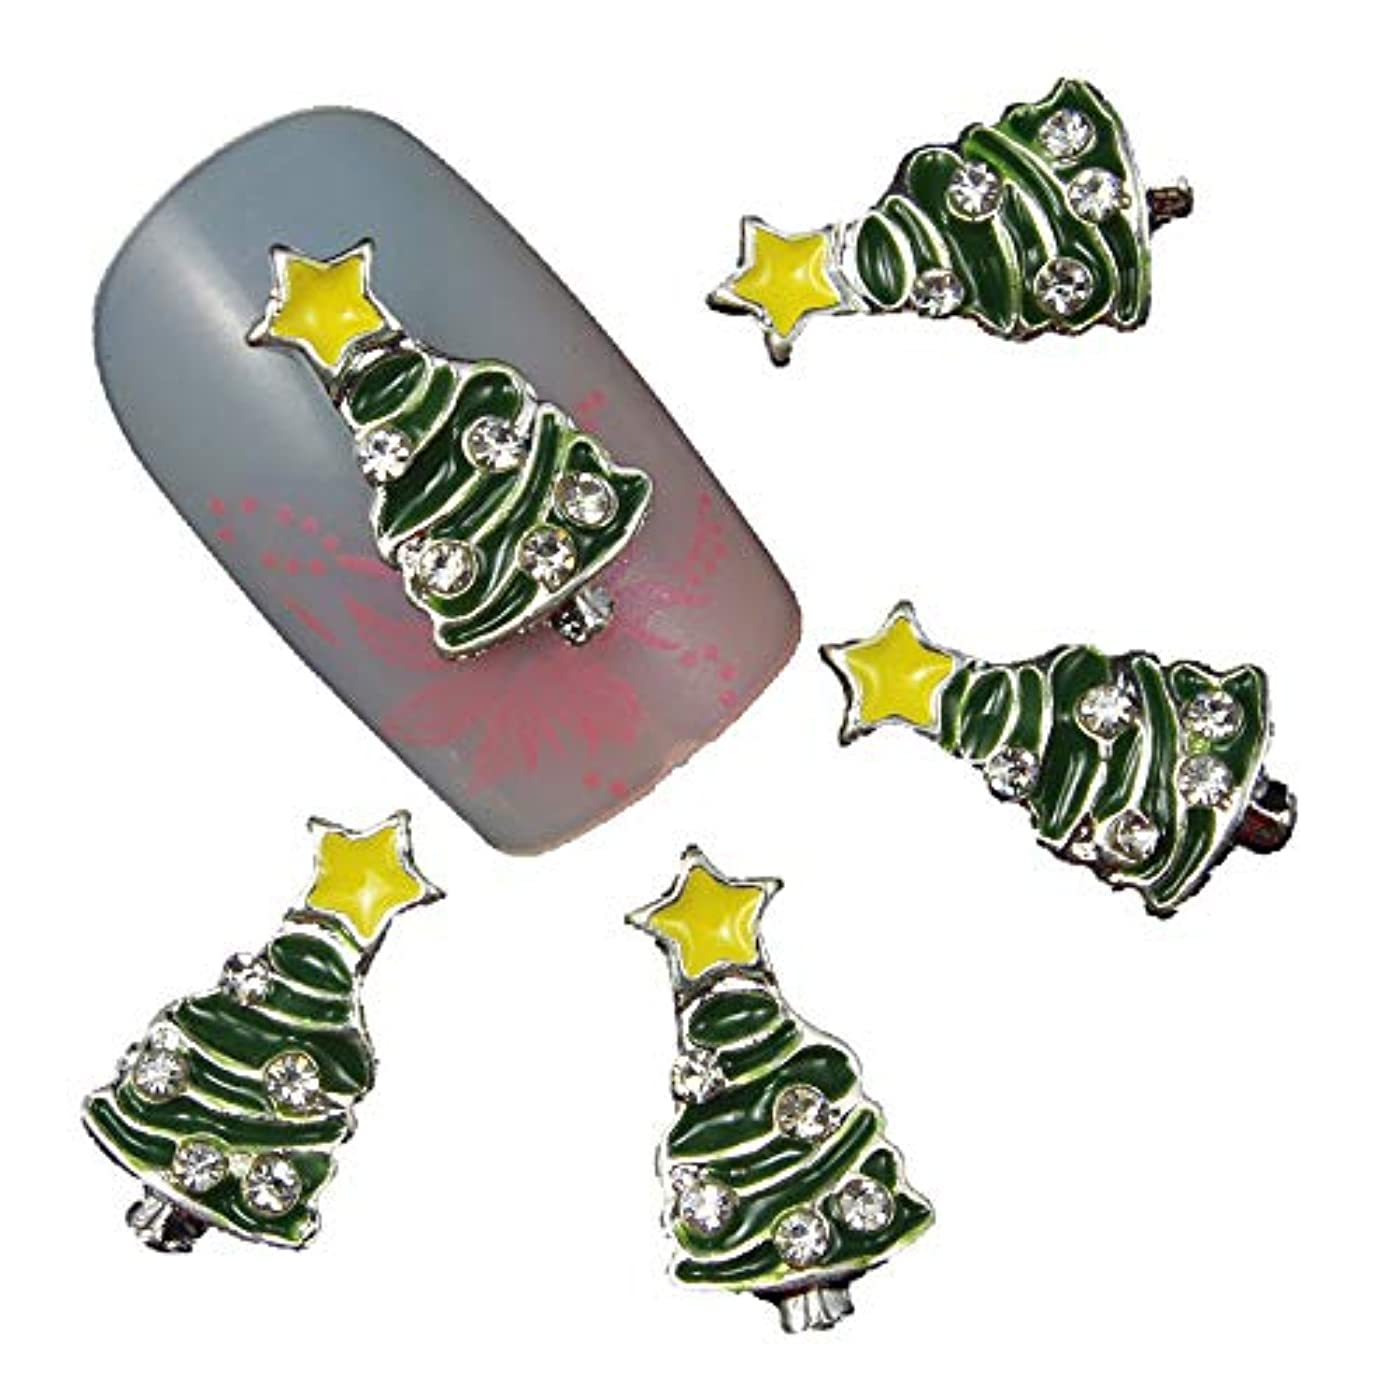 テープうなずく行く10個/ロット3Dクリスマスツリーのネイルアートマジックカラーデザインのスタッドは、美容ネイルチャームラインストーン用品